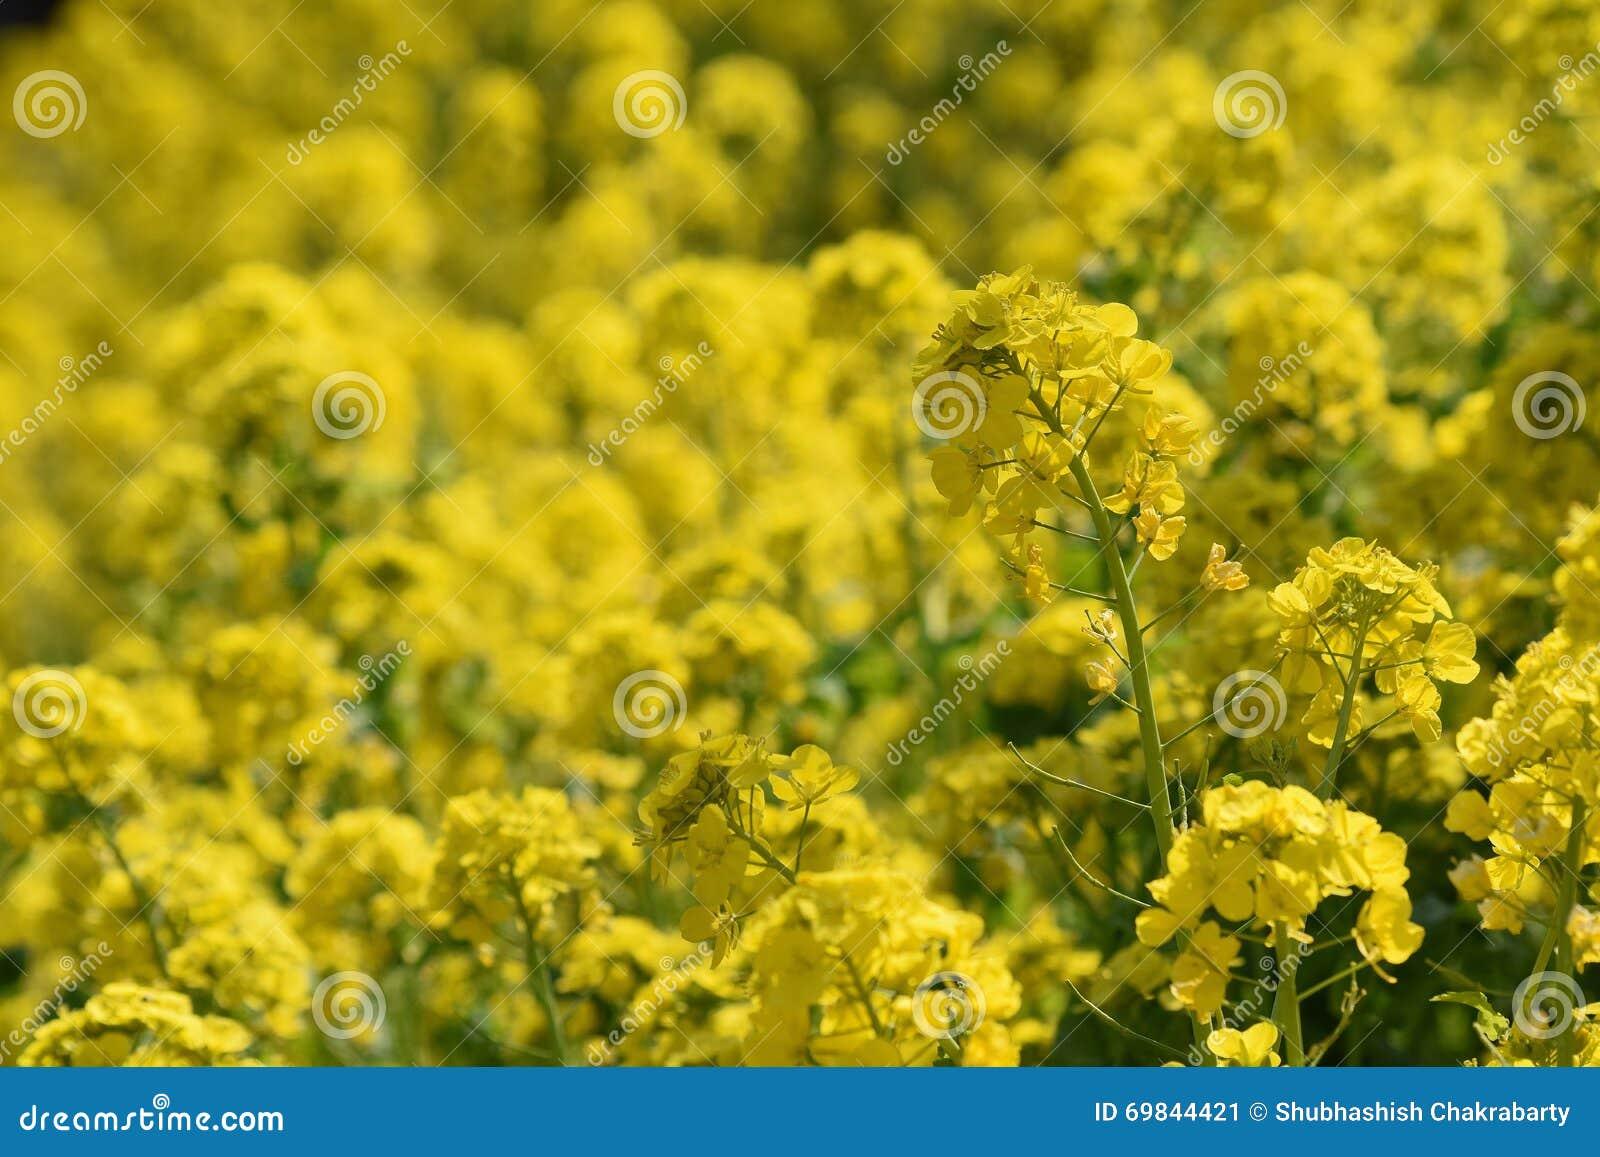 Rapsolja Eller Canola Blommar Det åkerbruka Fältet I Solig Dag